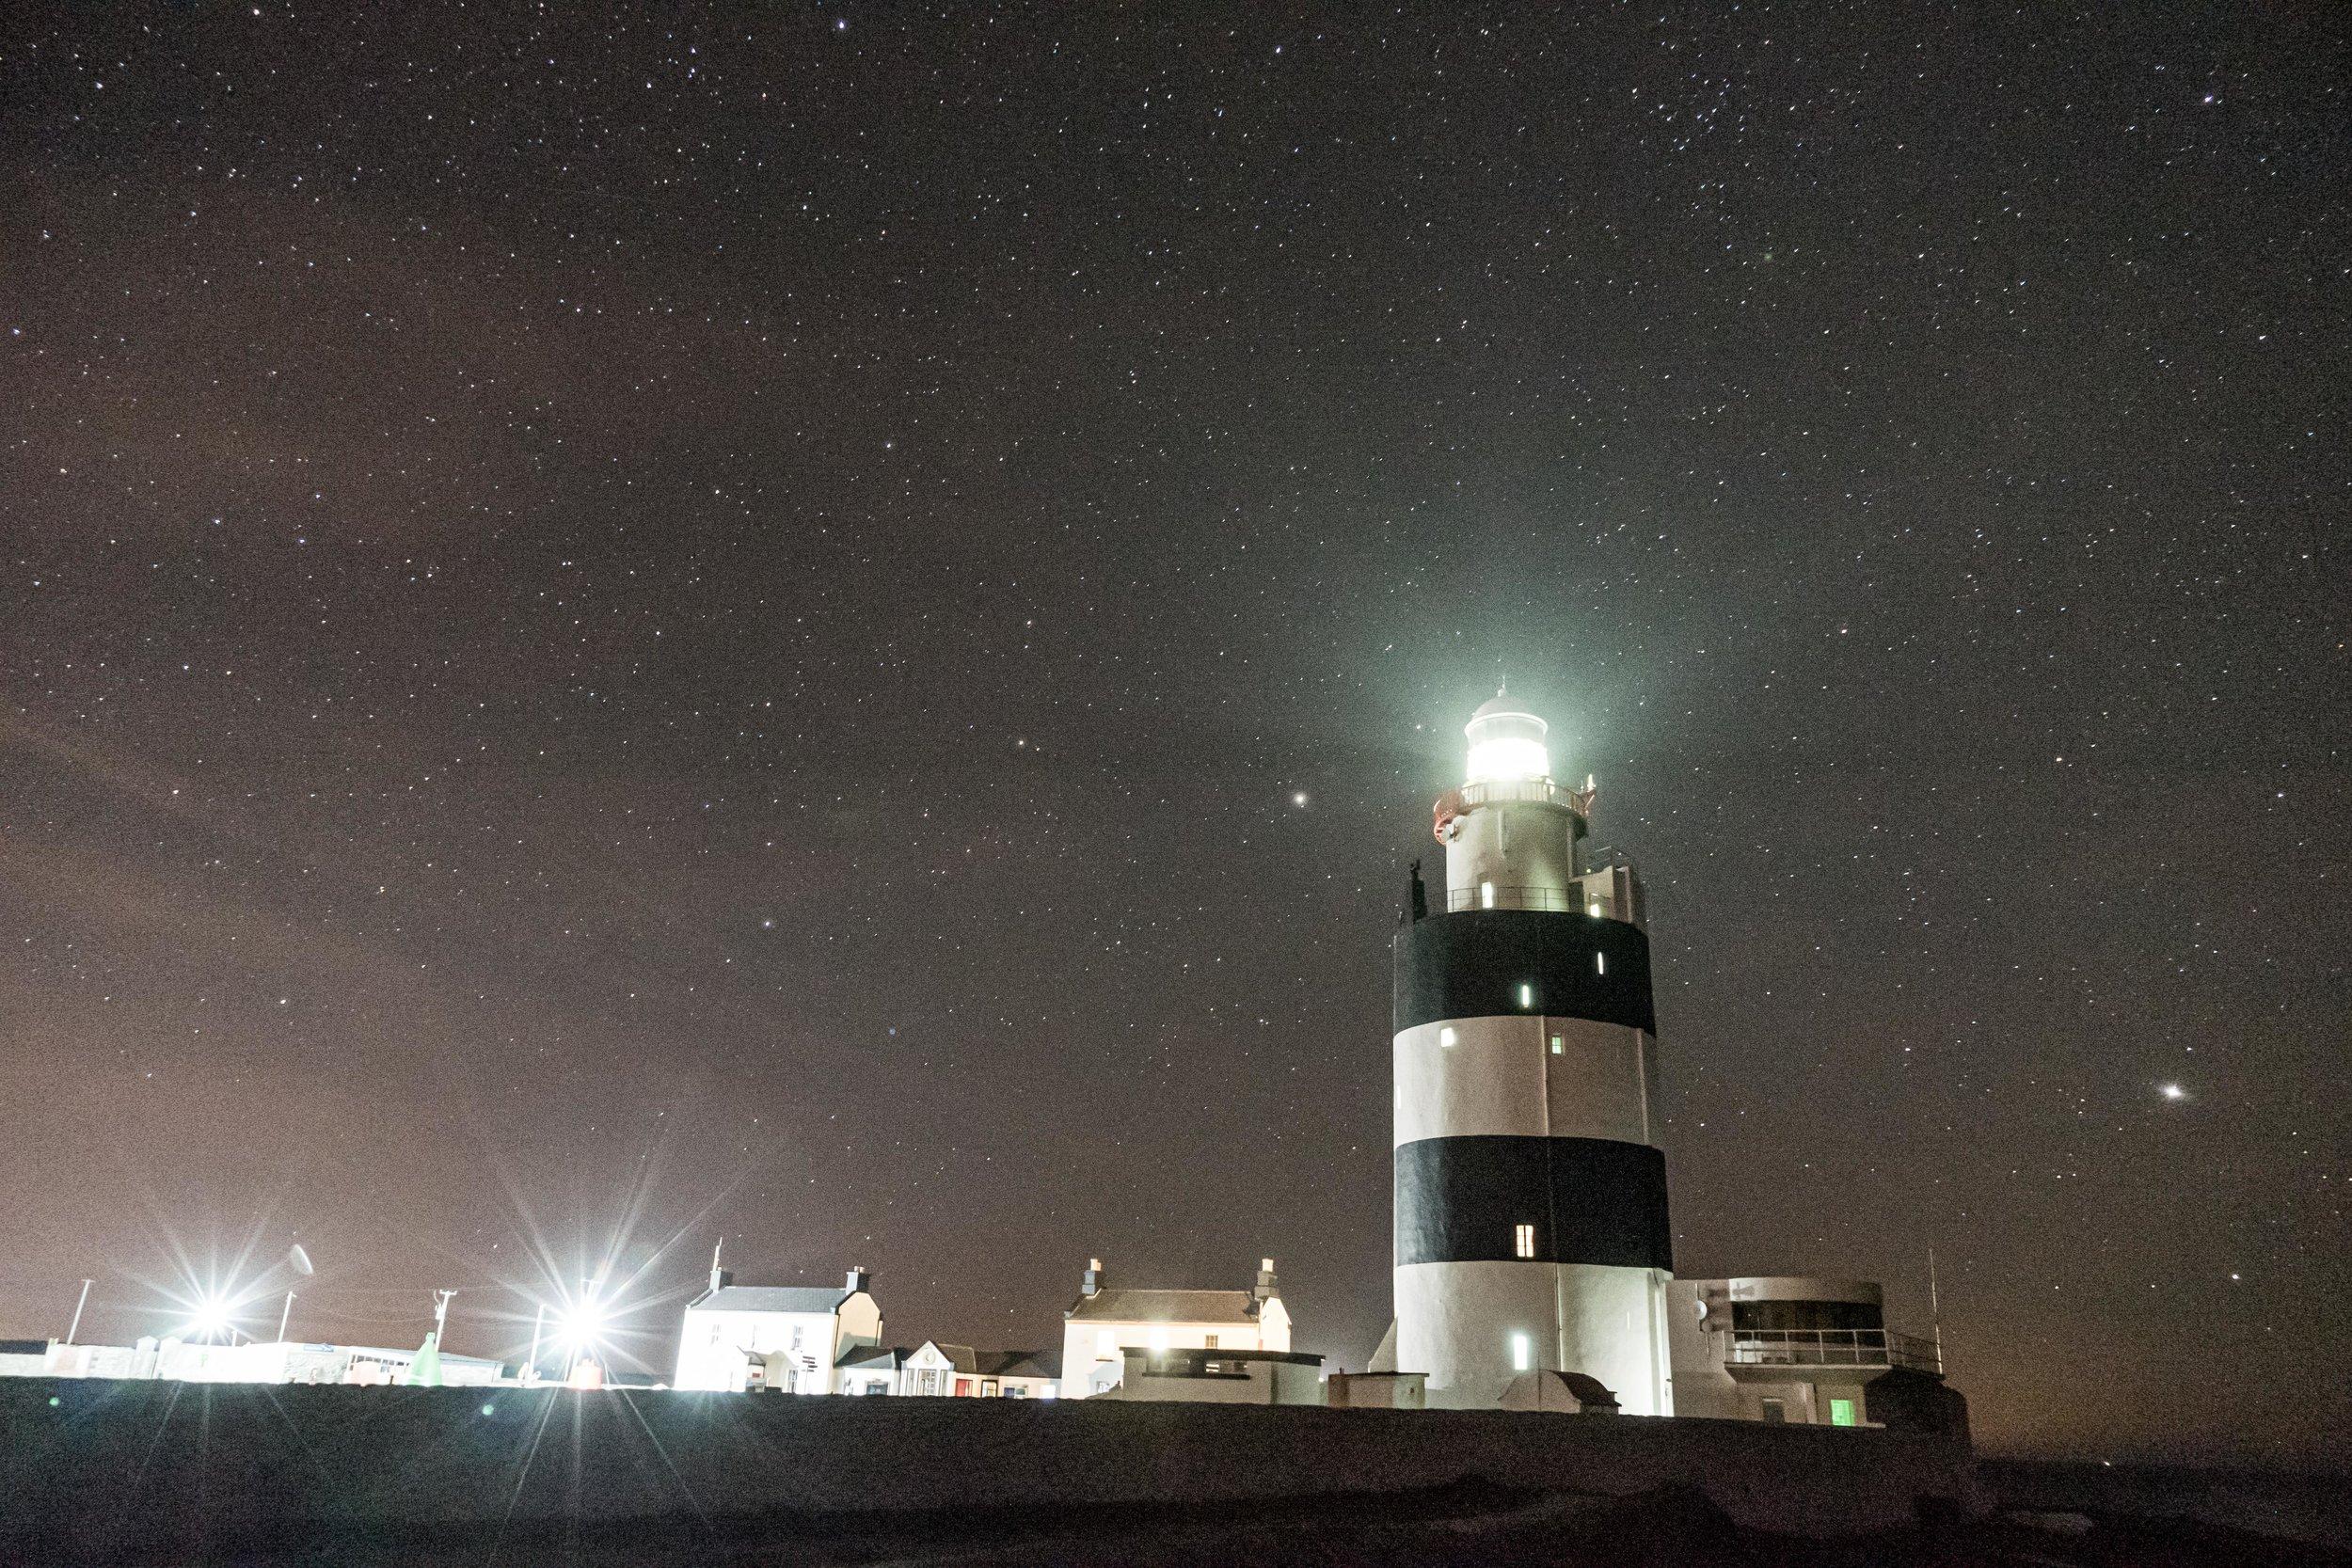 hookhead light house stars.jpg